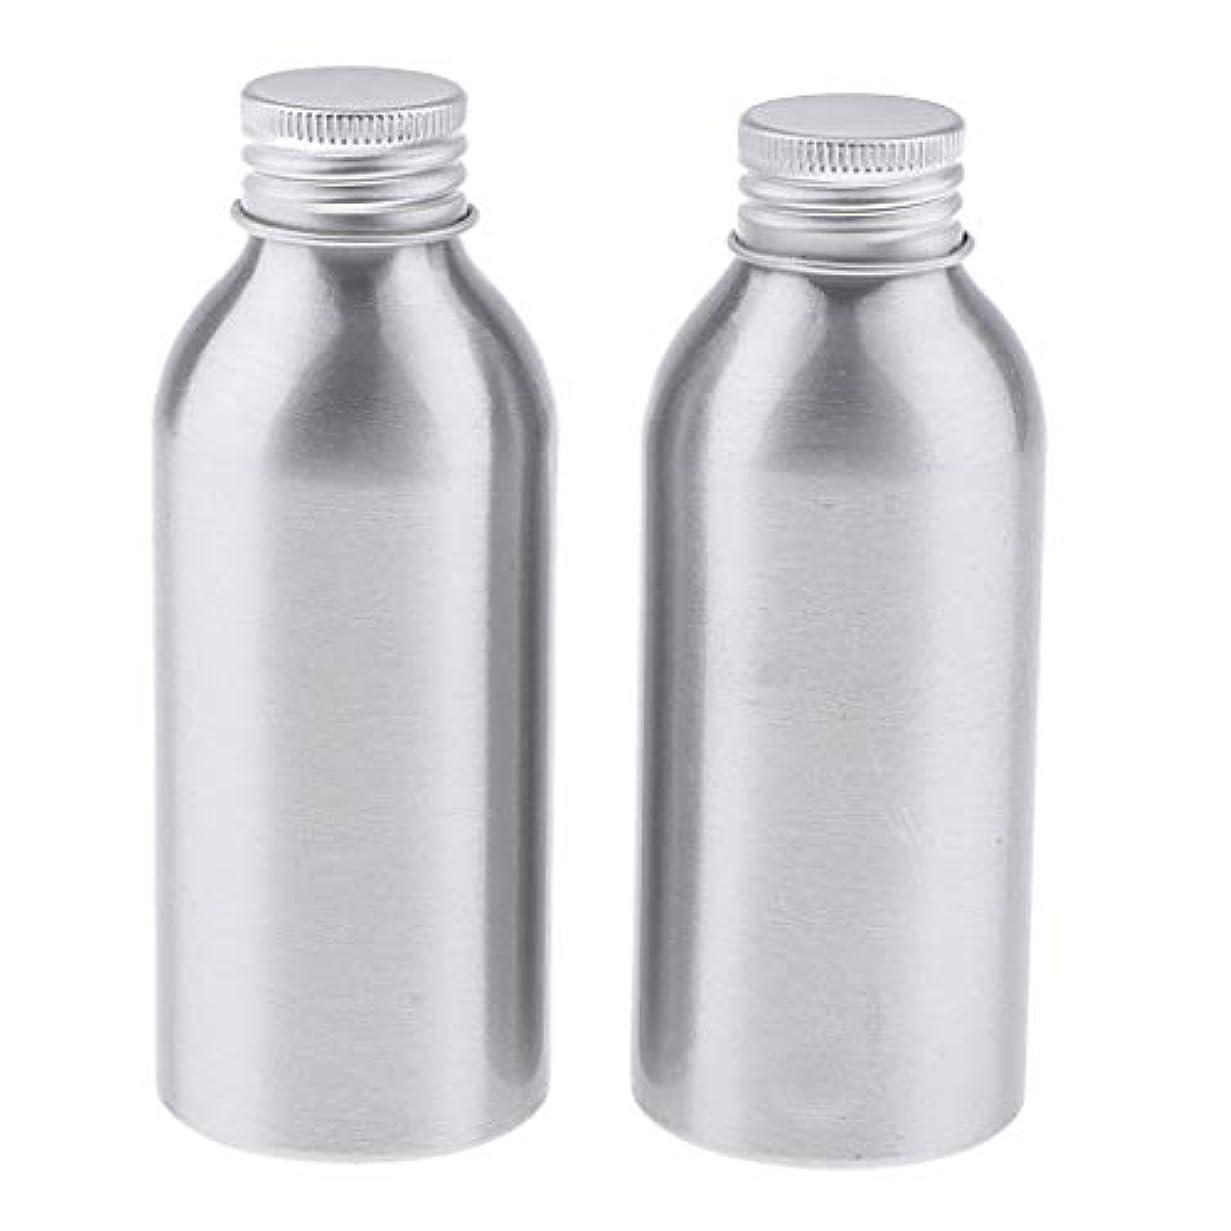 電子引く欺2本 アルミボトル 空容器 化粧品収納容器 ディスペンサーボトル シルバー 全5サイズ - 120ml